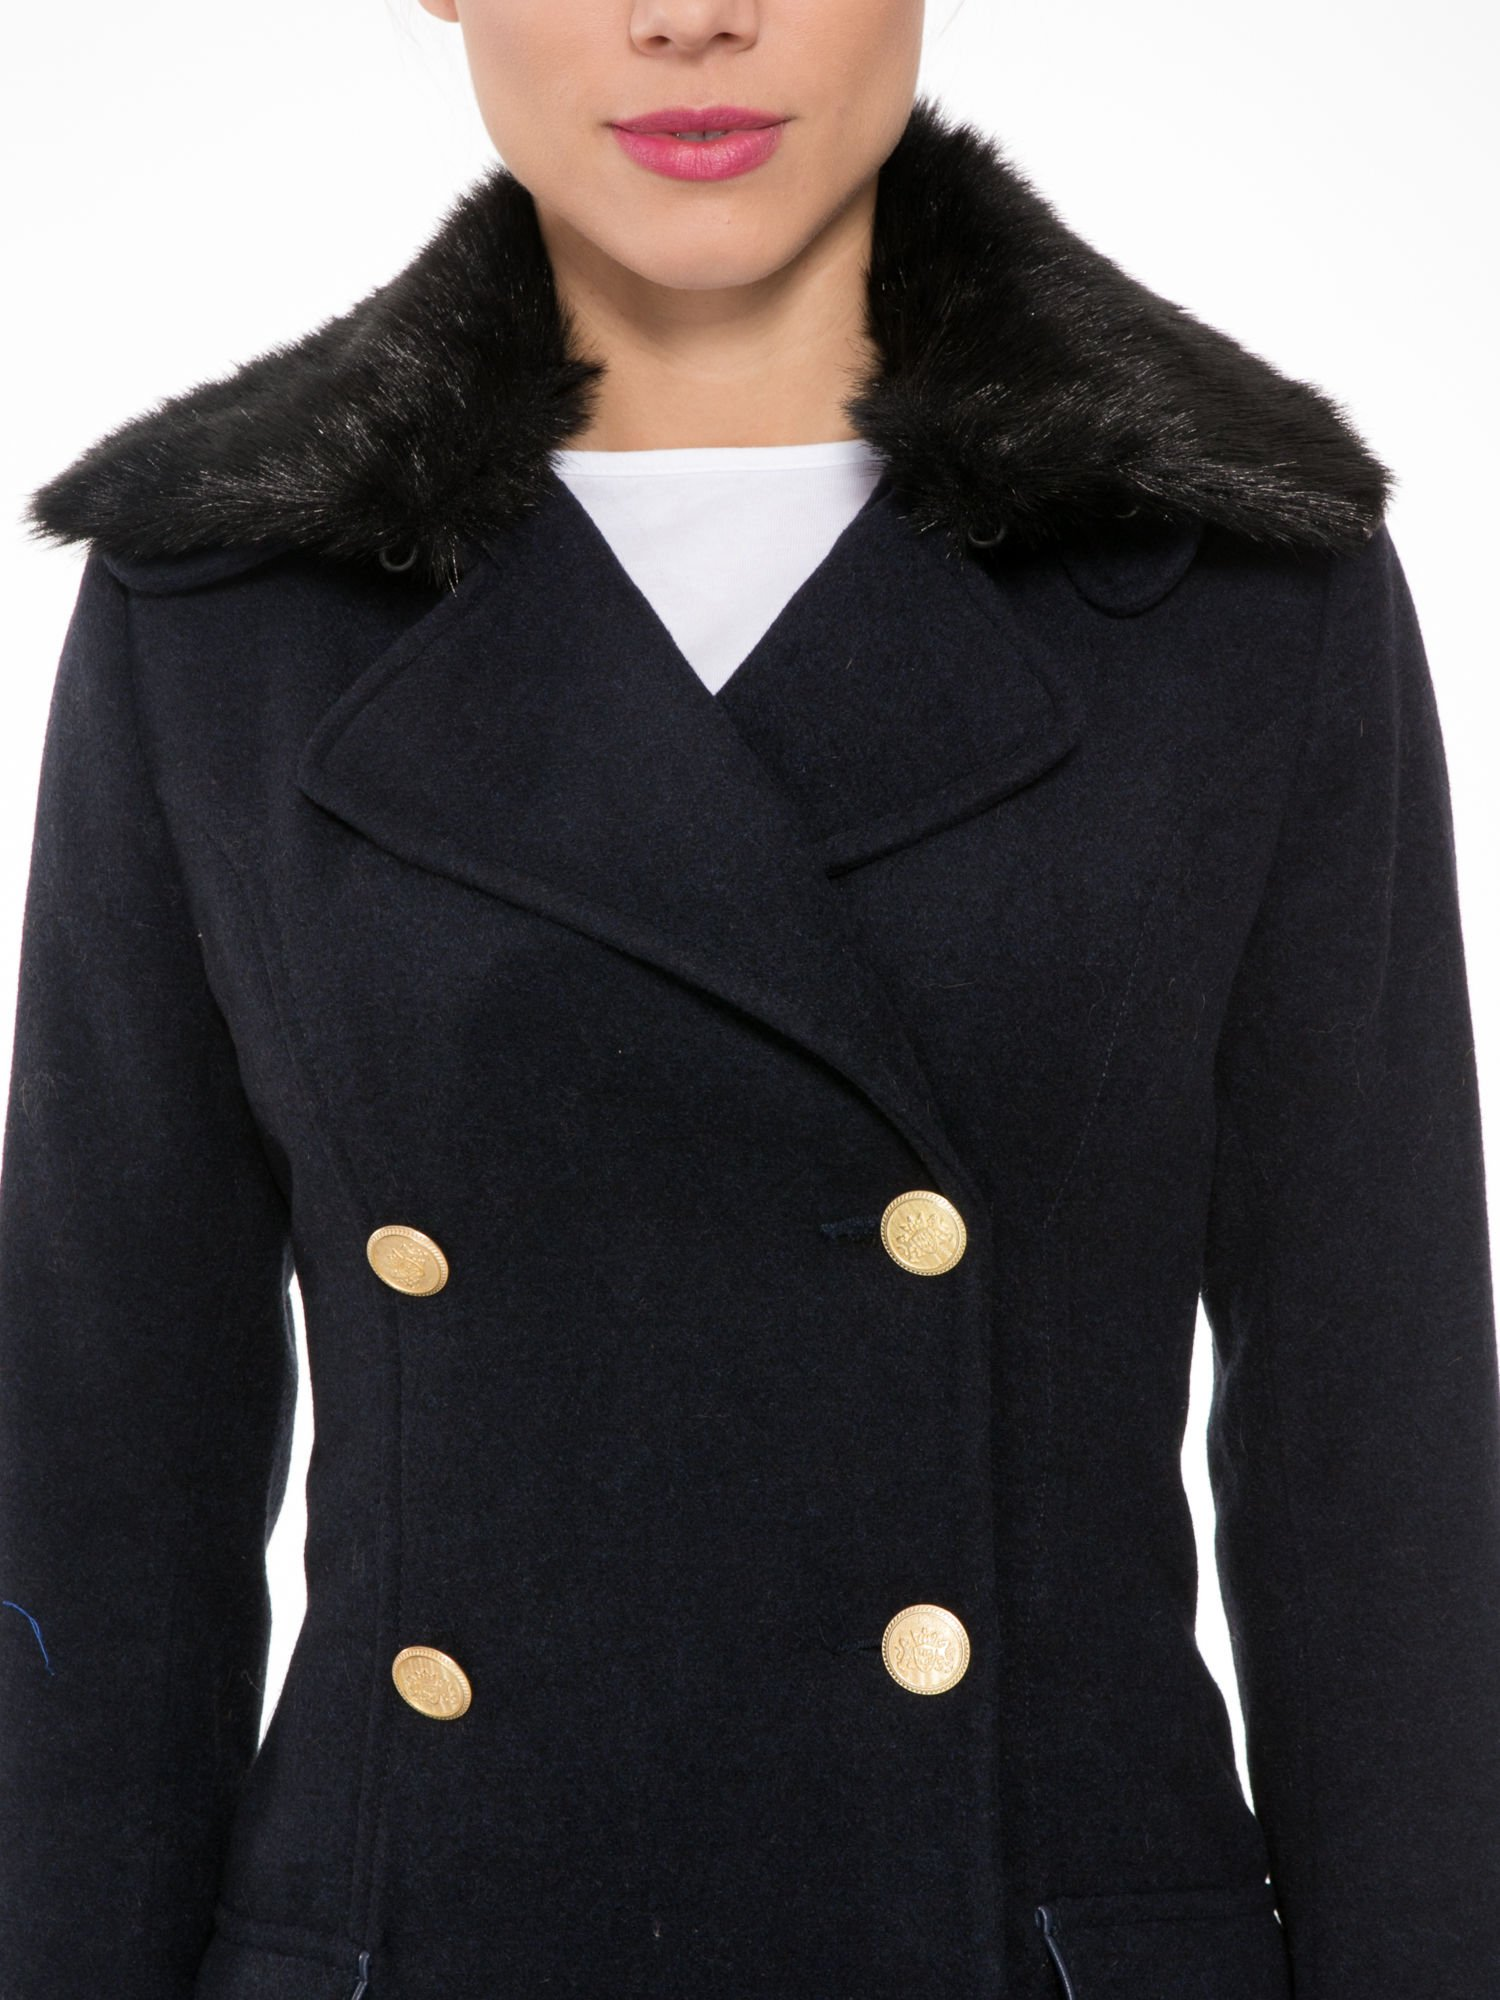 Granatowy wełniany płaszcz dwurzędowy z futrzanym kołnierzem                                  zdj.                                  5